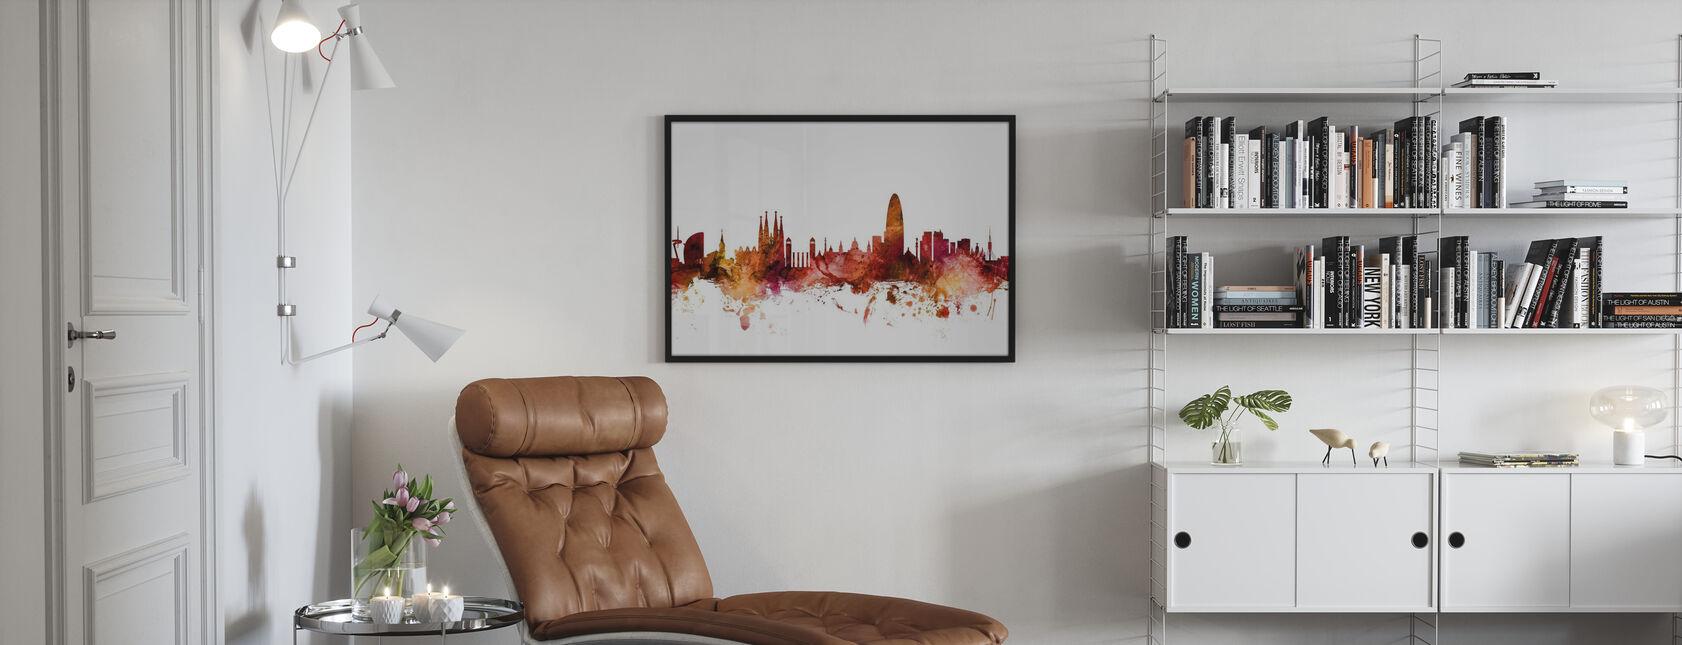 Barcelona Spain Skyline - Framed print - Living Room